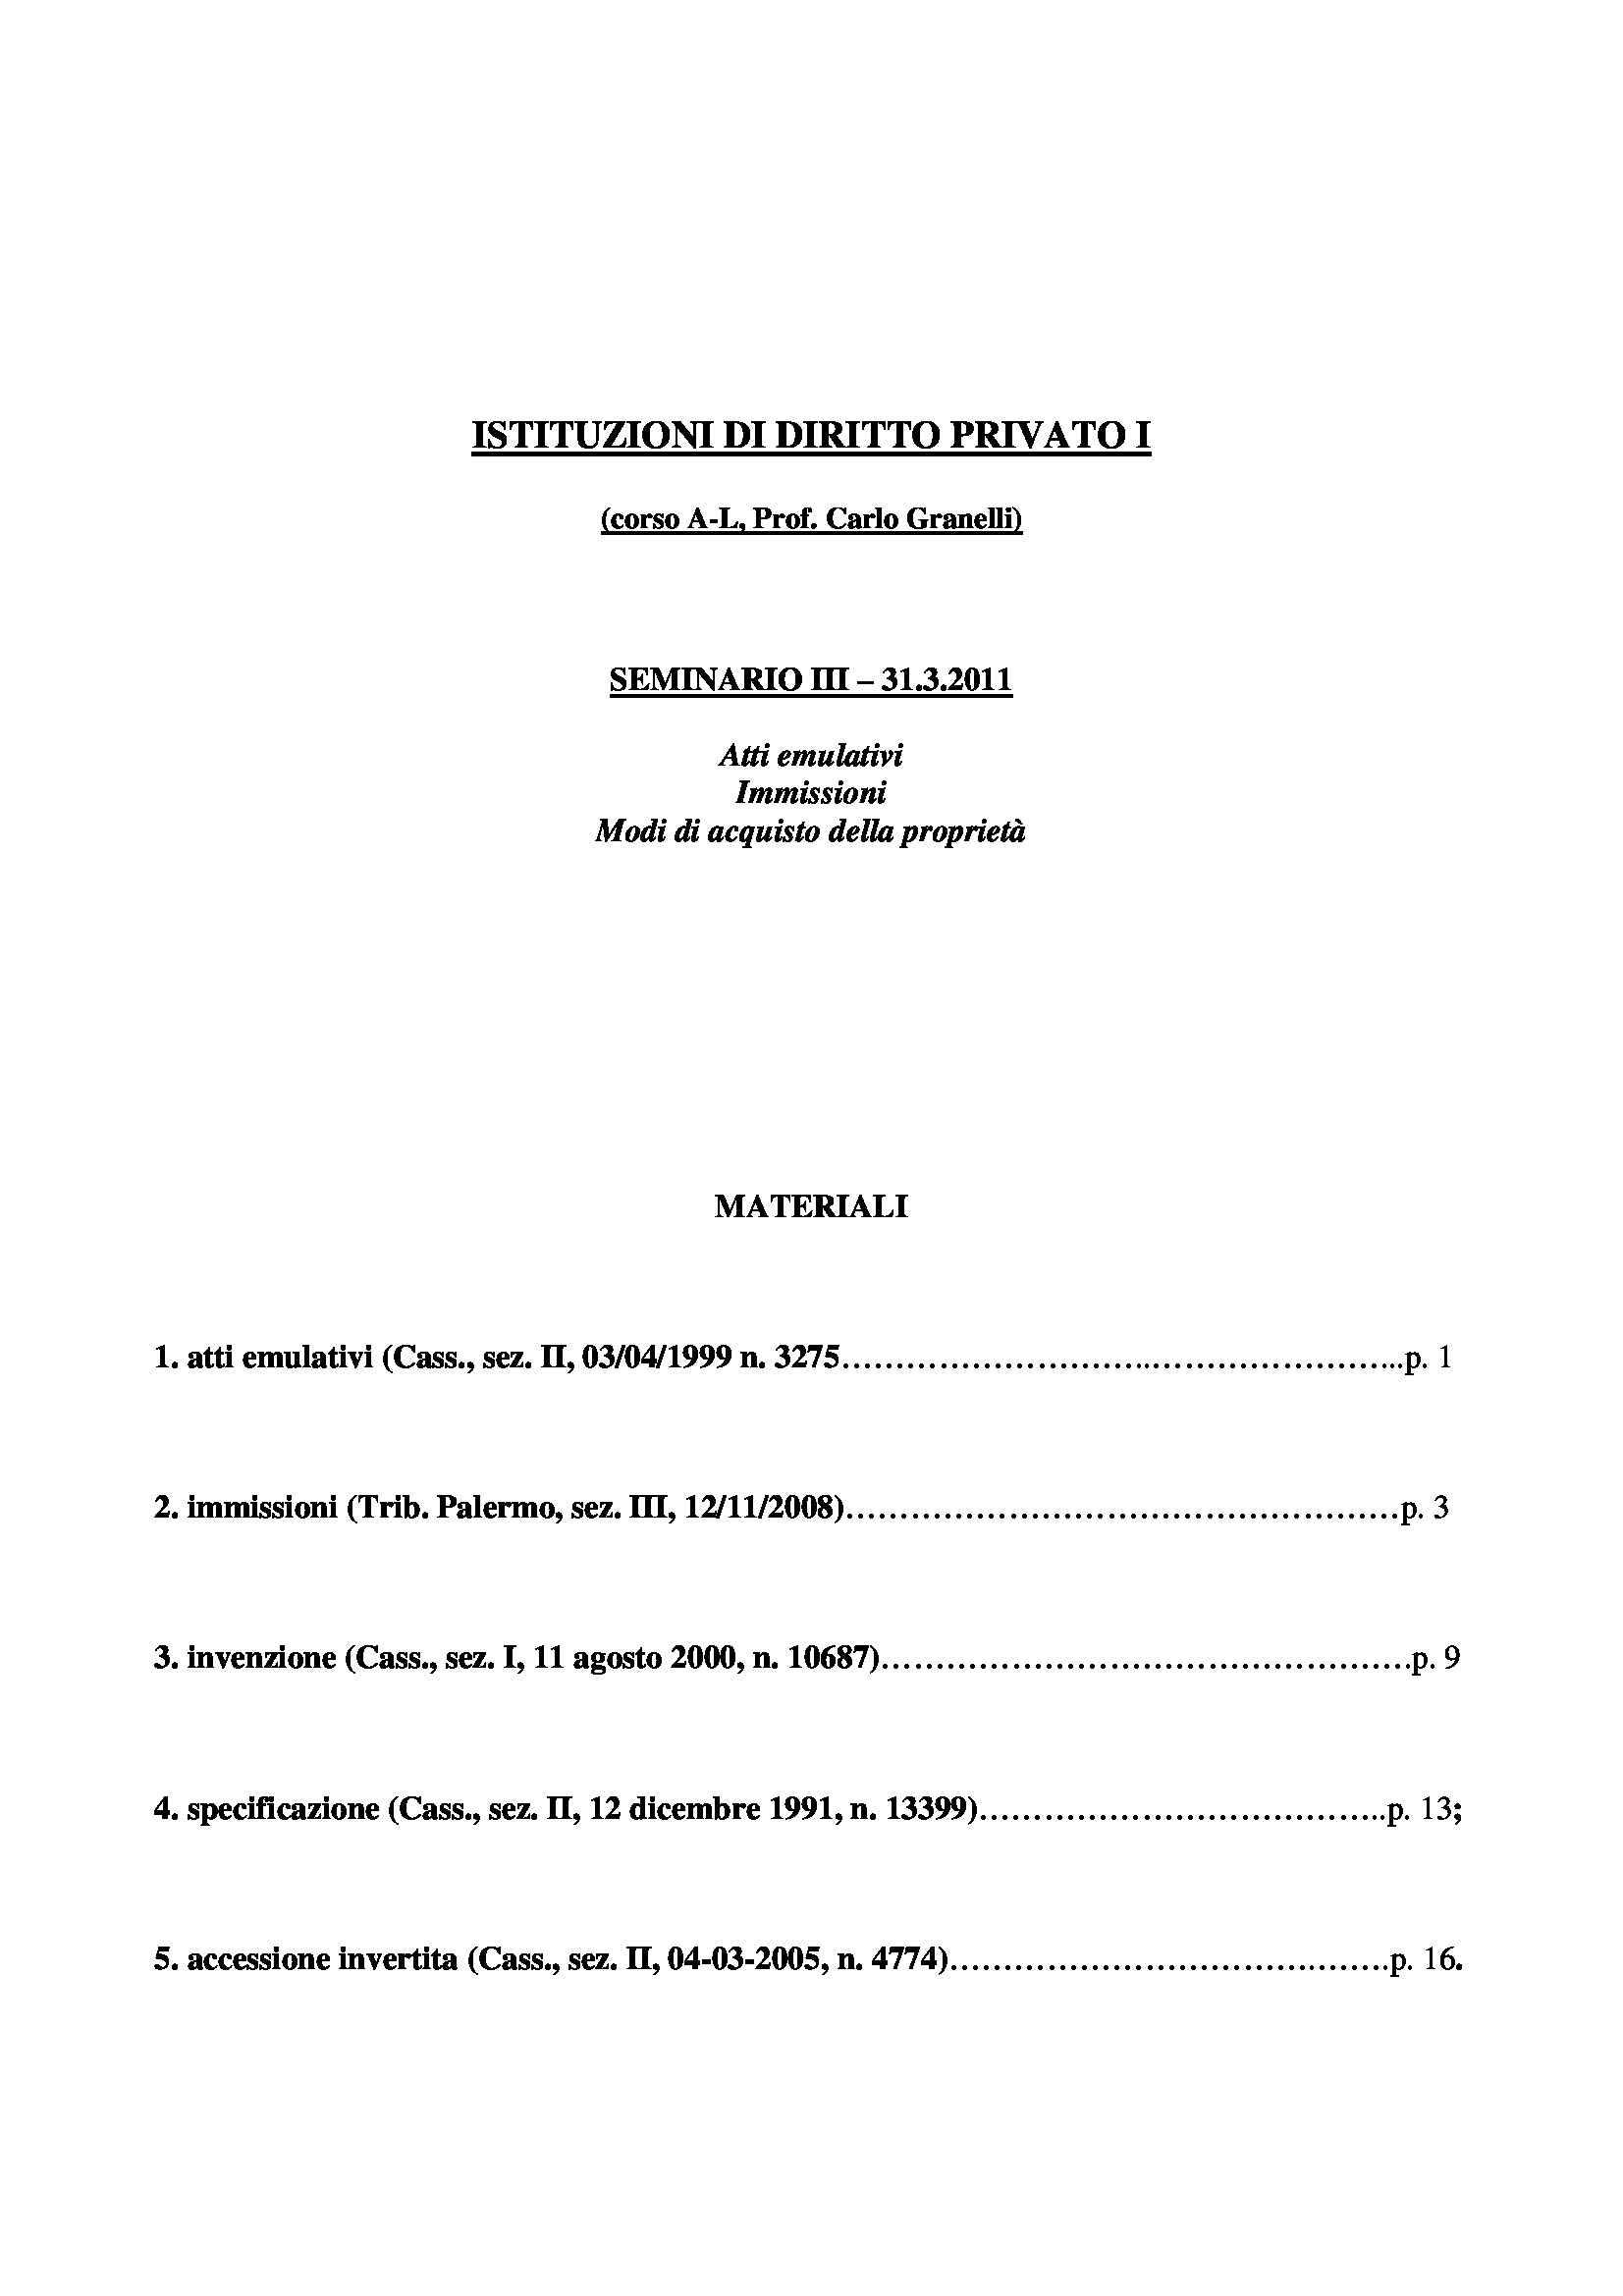 Atti emulativi - Modi acquisto proprietà